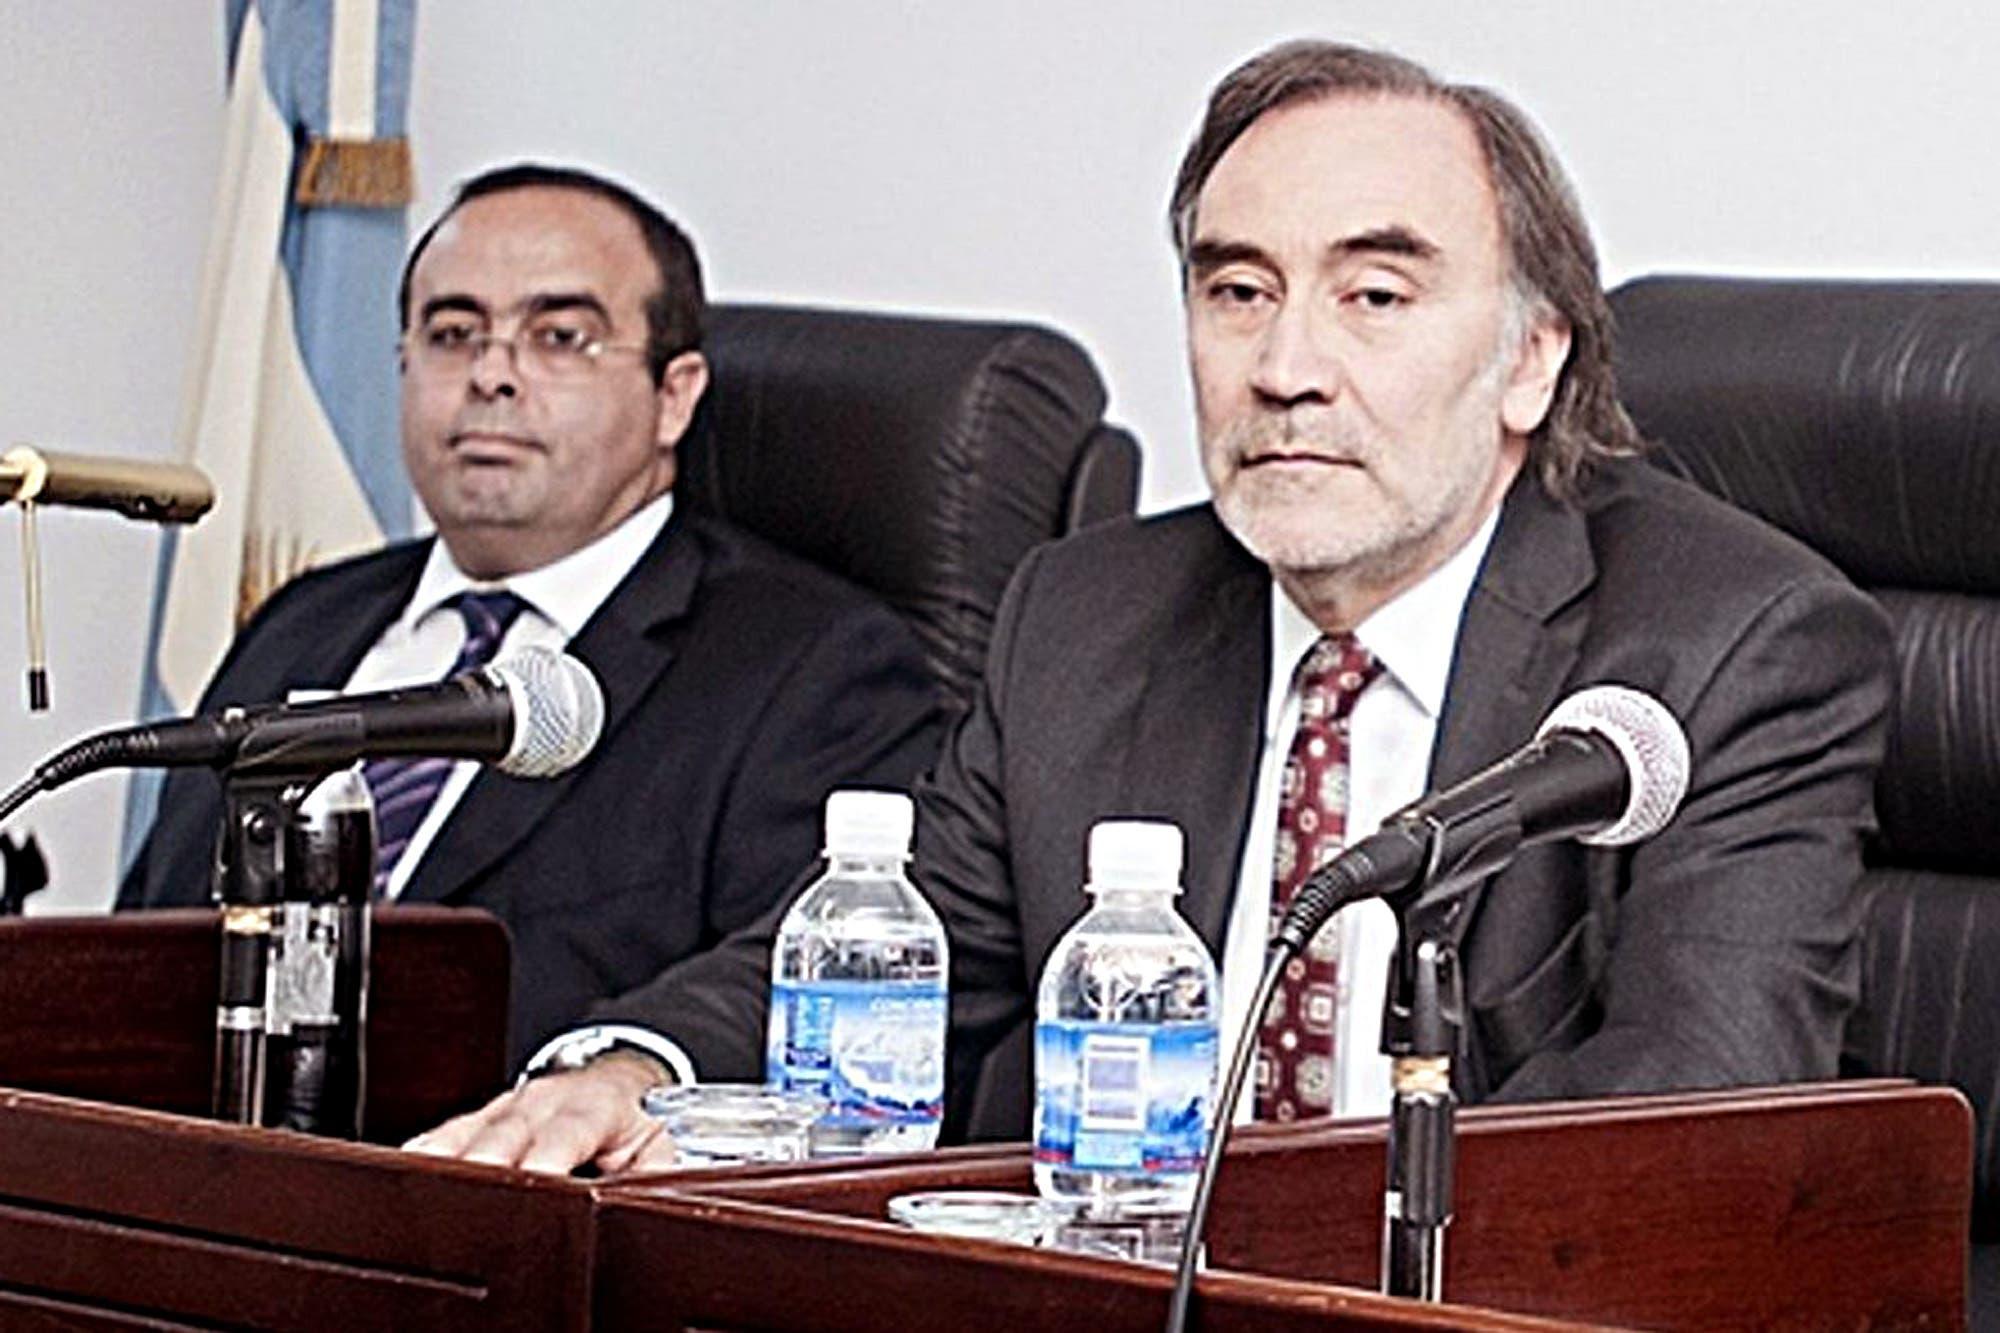 La Cámara de Casación sostuvo que los jueces trasladados deben volver a sus tribunales de origen